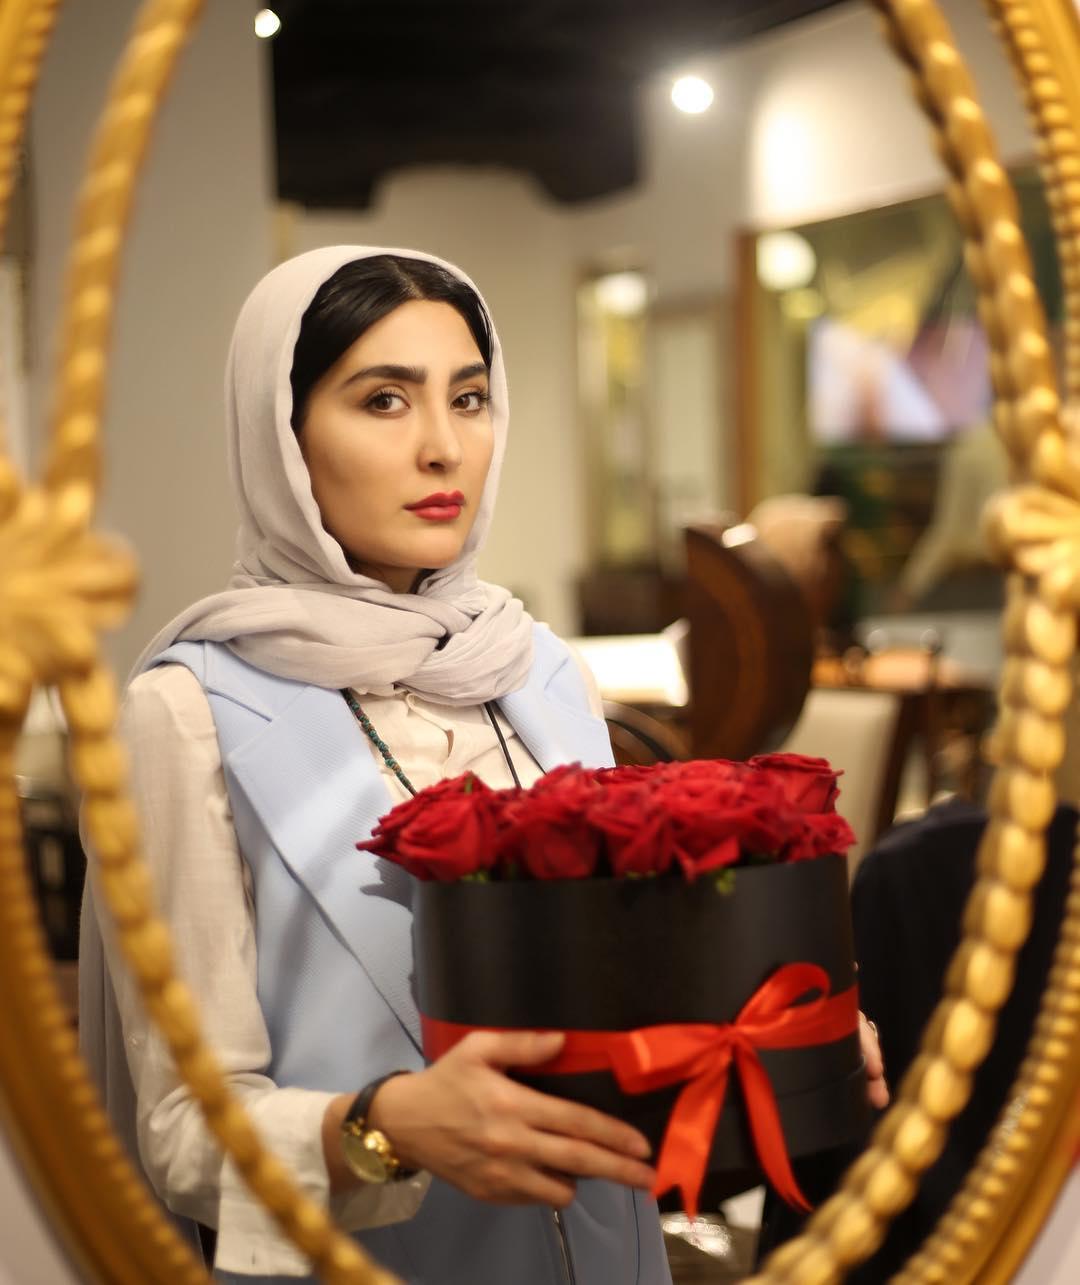 مریم معصومی با گل سرخ